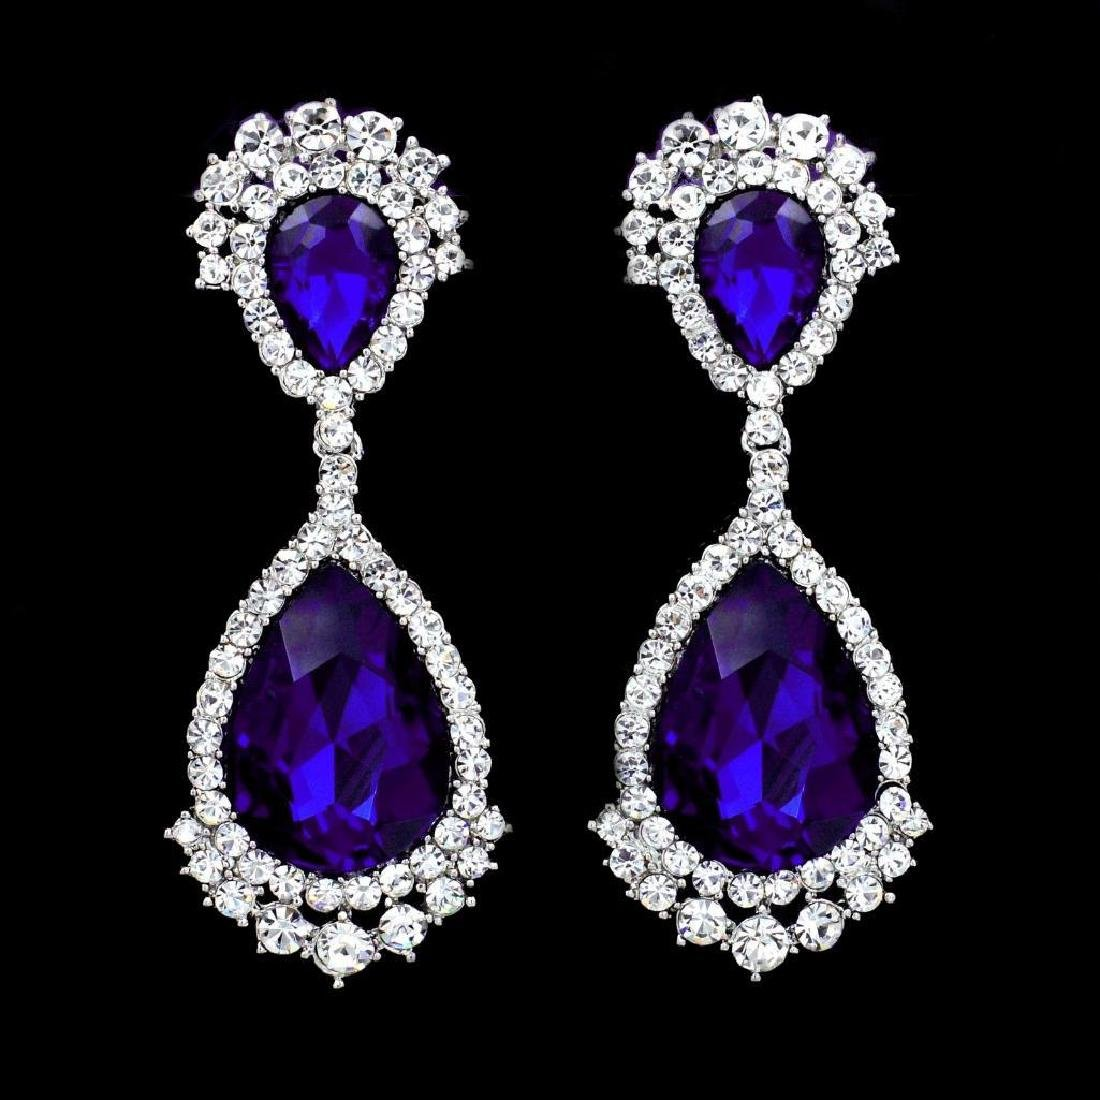 Rhodium Plated Blue Crystal Rhinestone Chandelier Drop